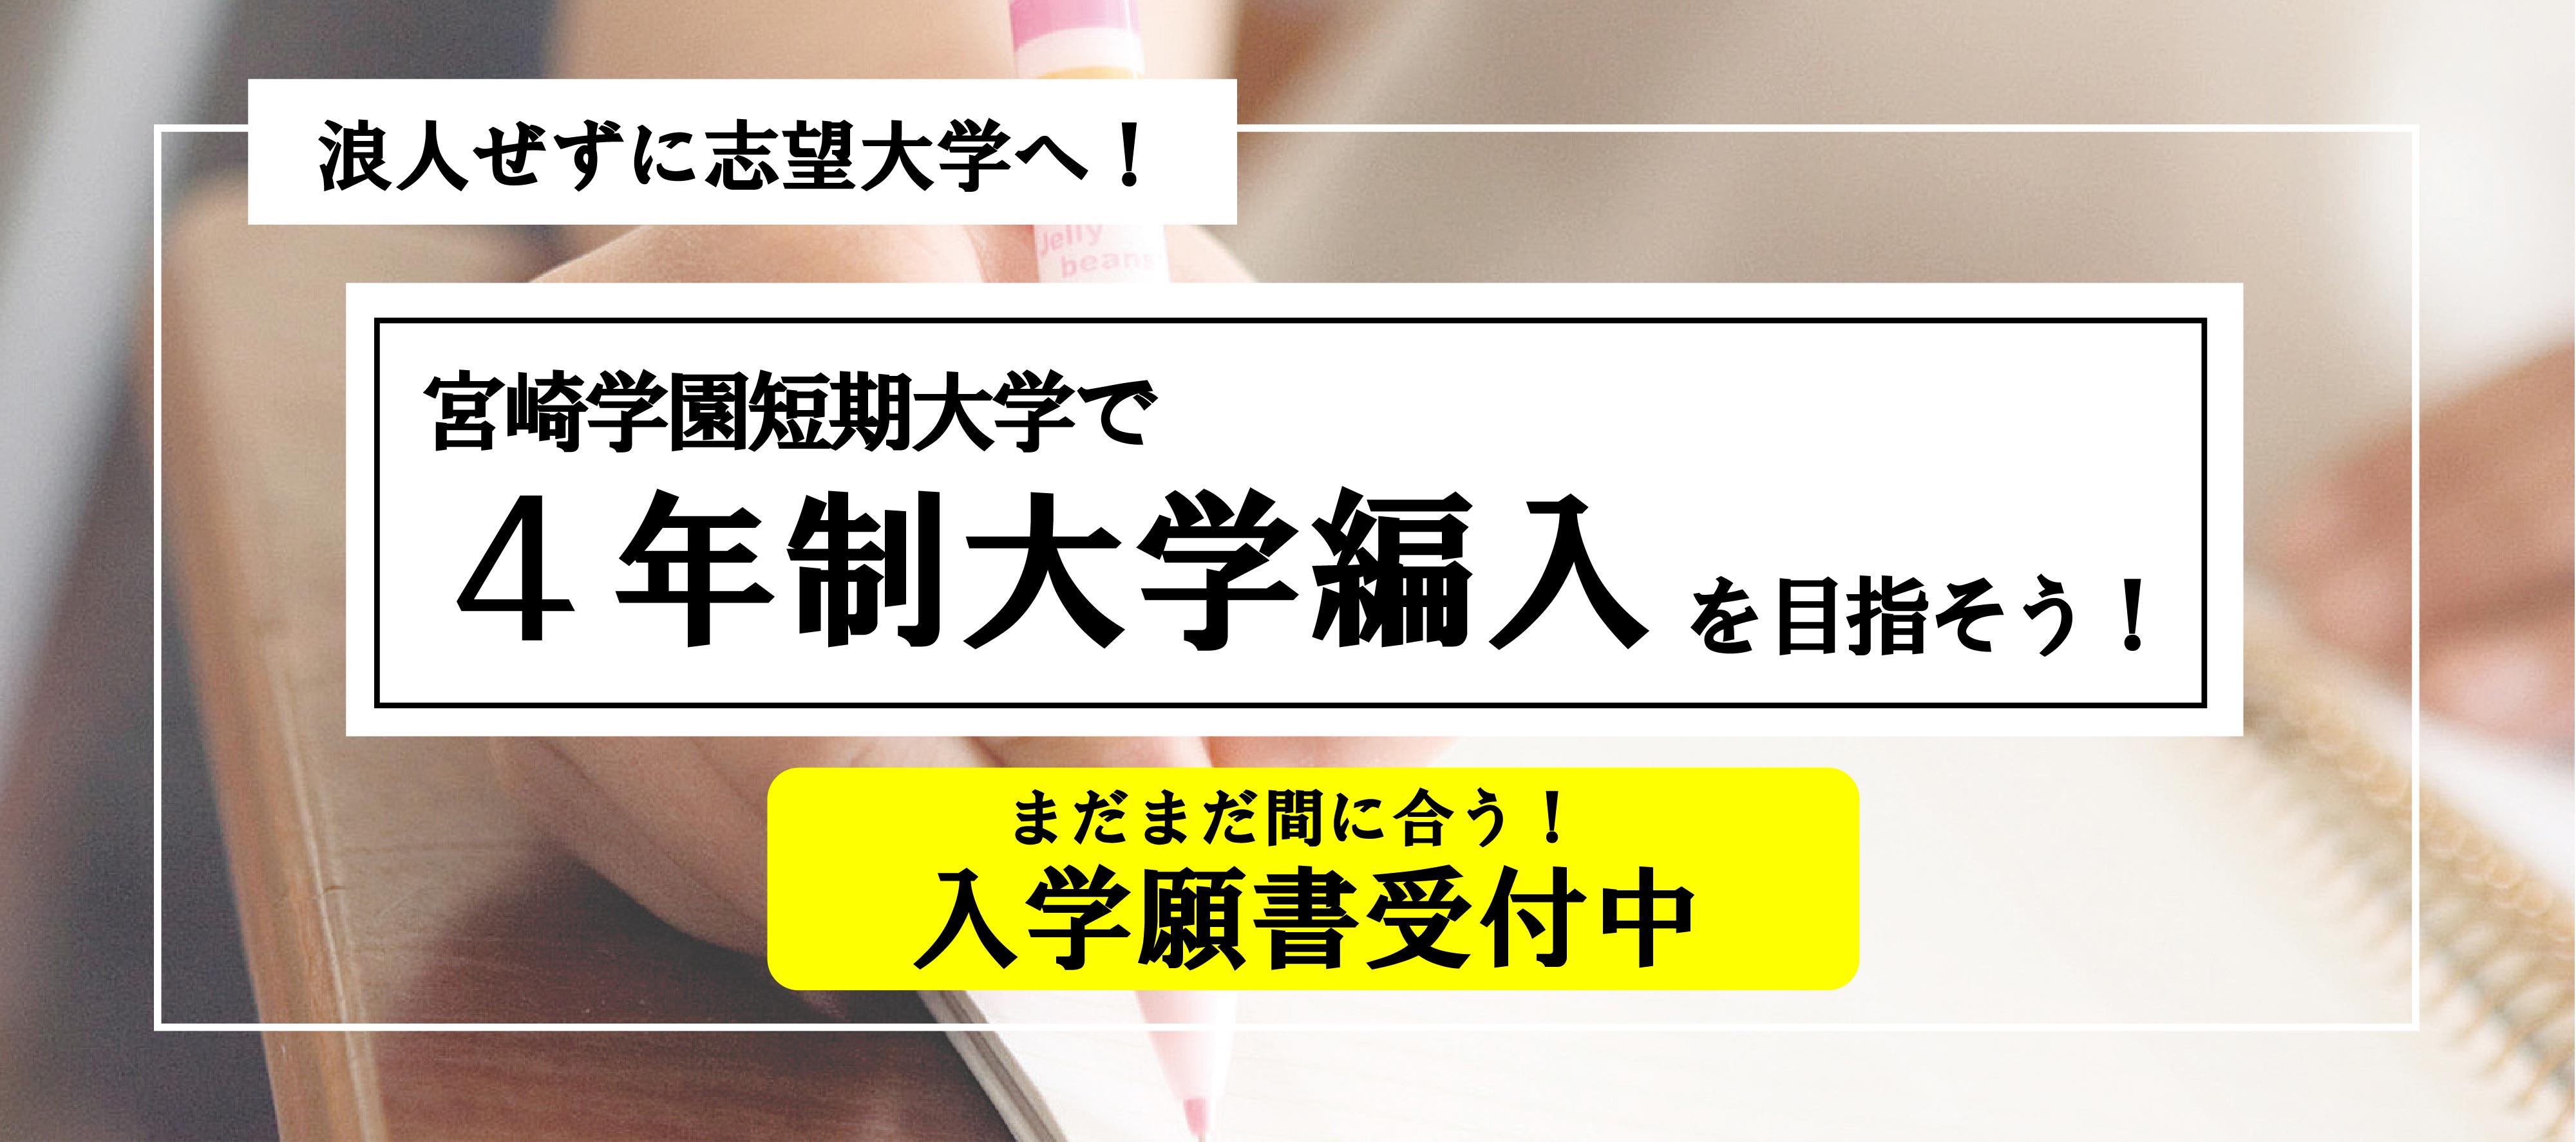 新型 速報 宮崎 コロナ